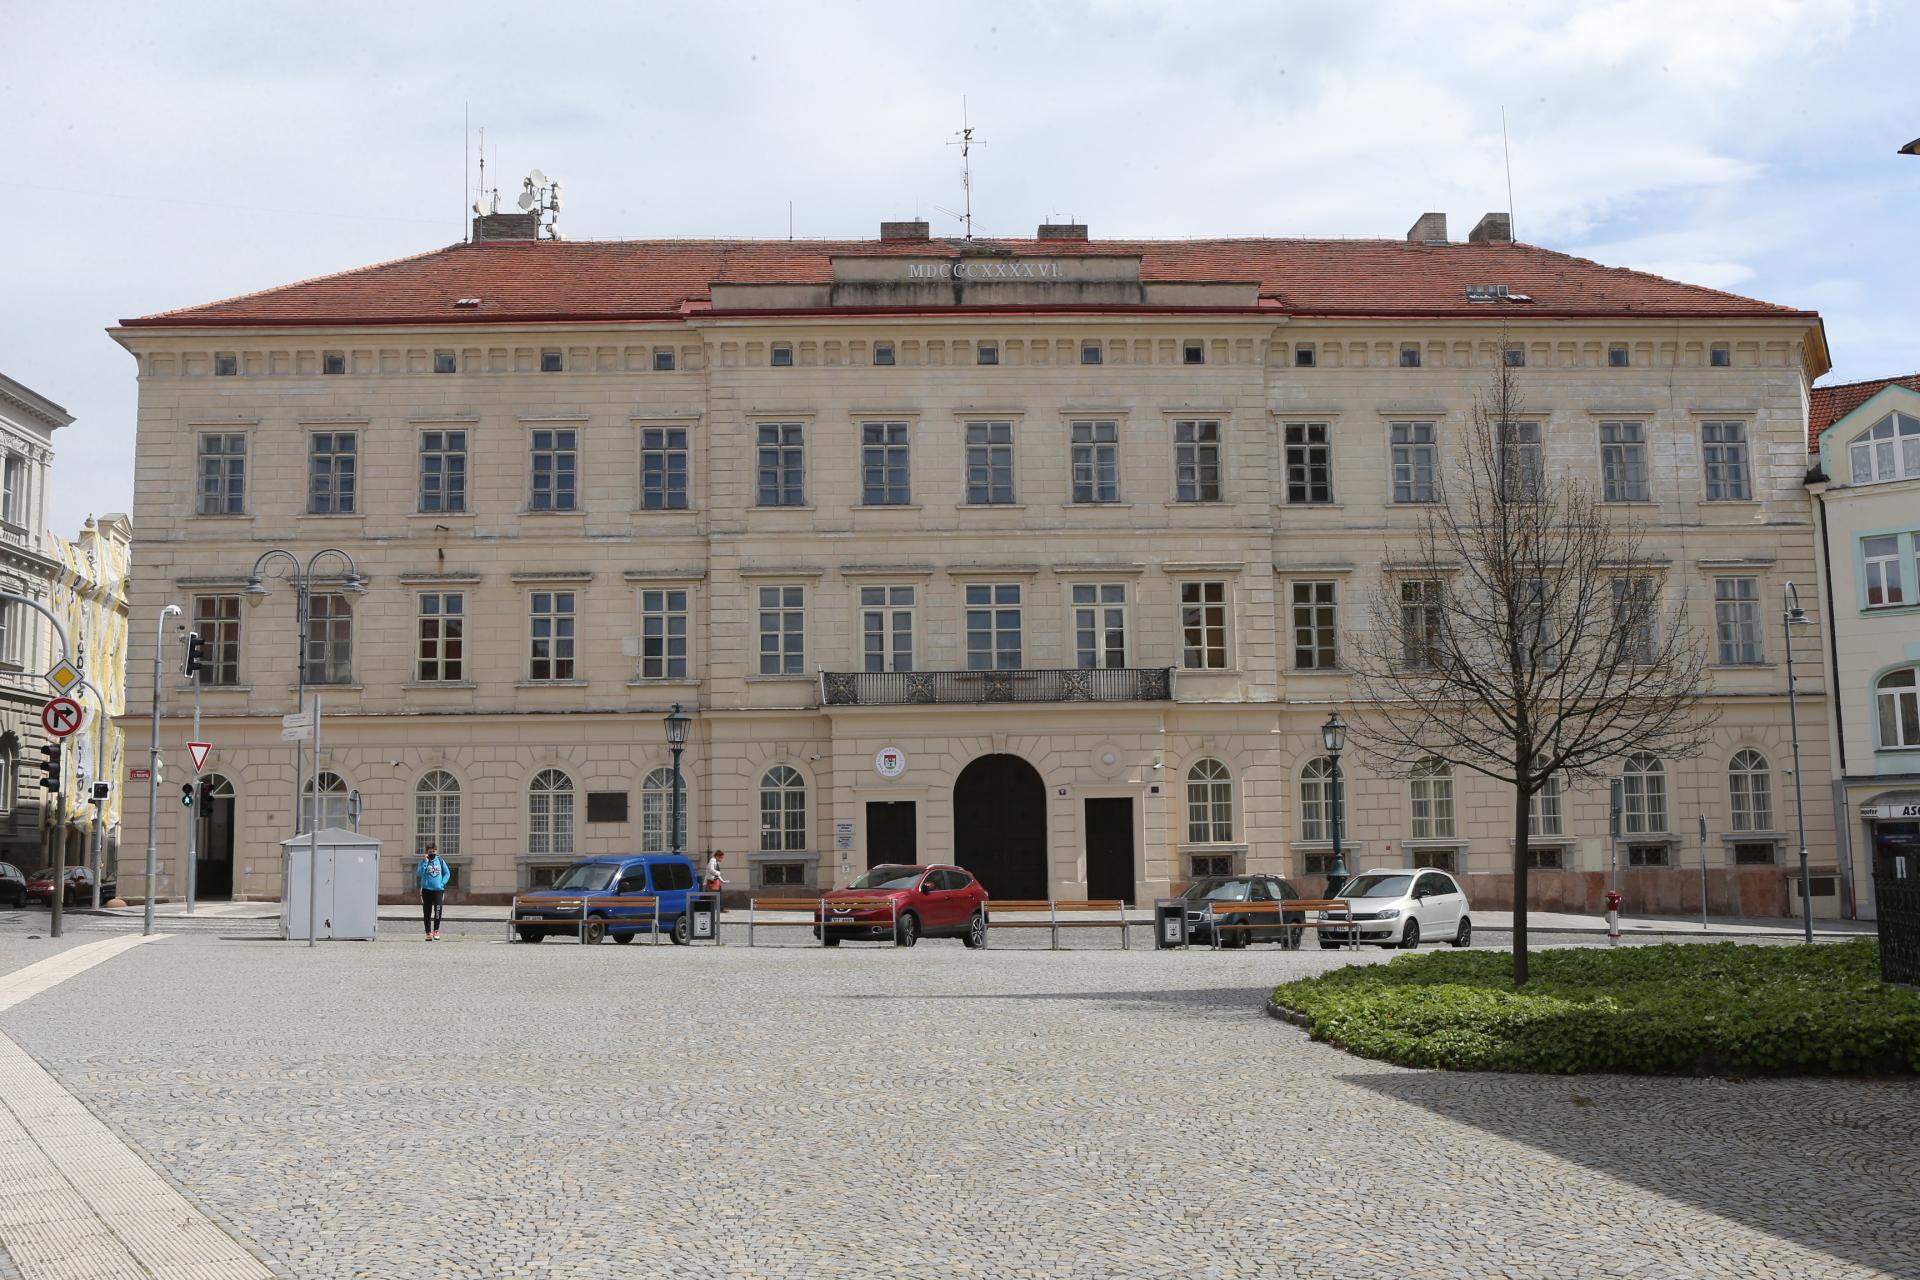 Báňské ředitelství - prohlídka budovy